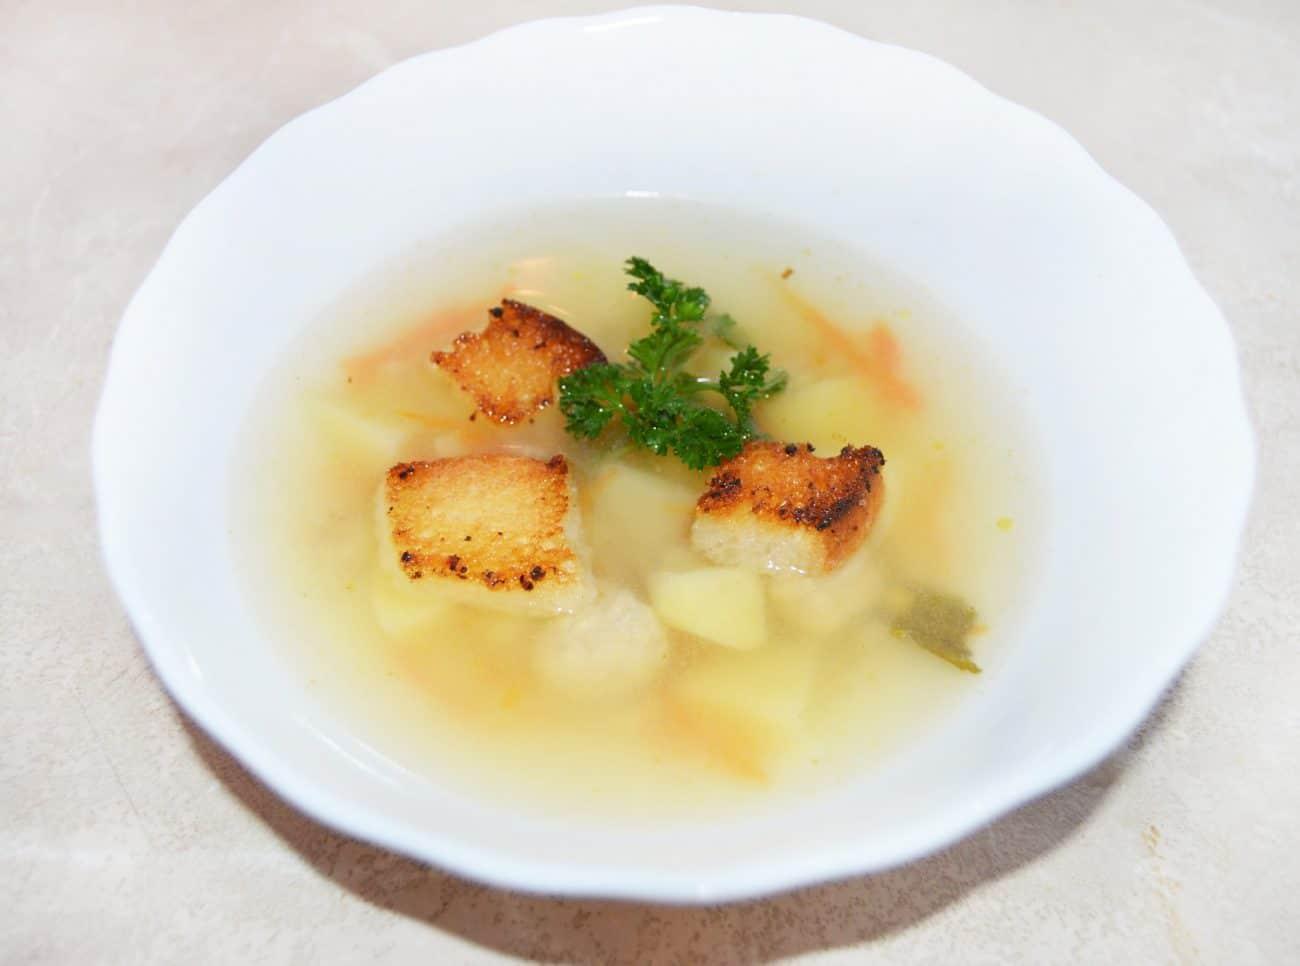 Вкуснейший суп с куриными фрикадельками, картофелем и сухариками